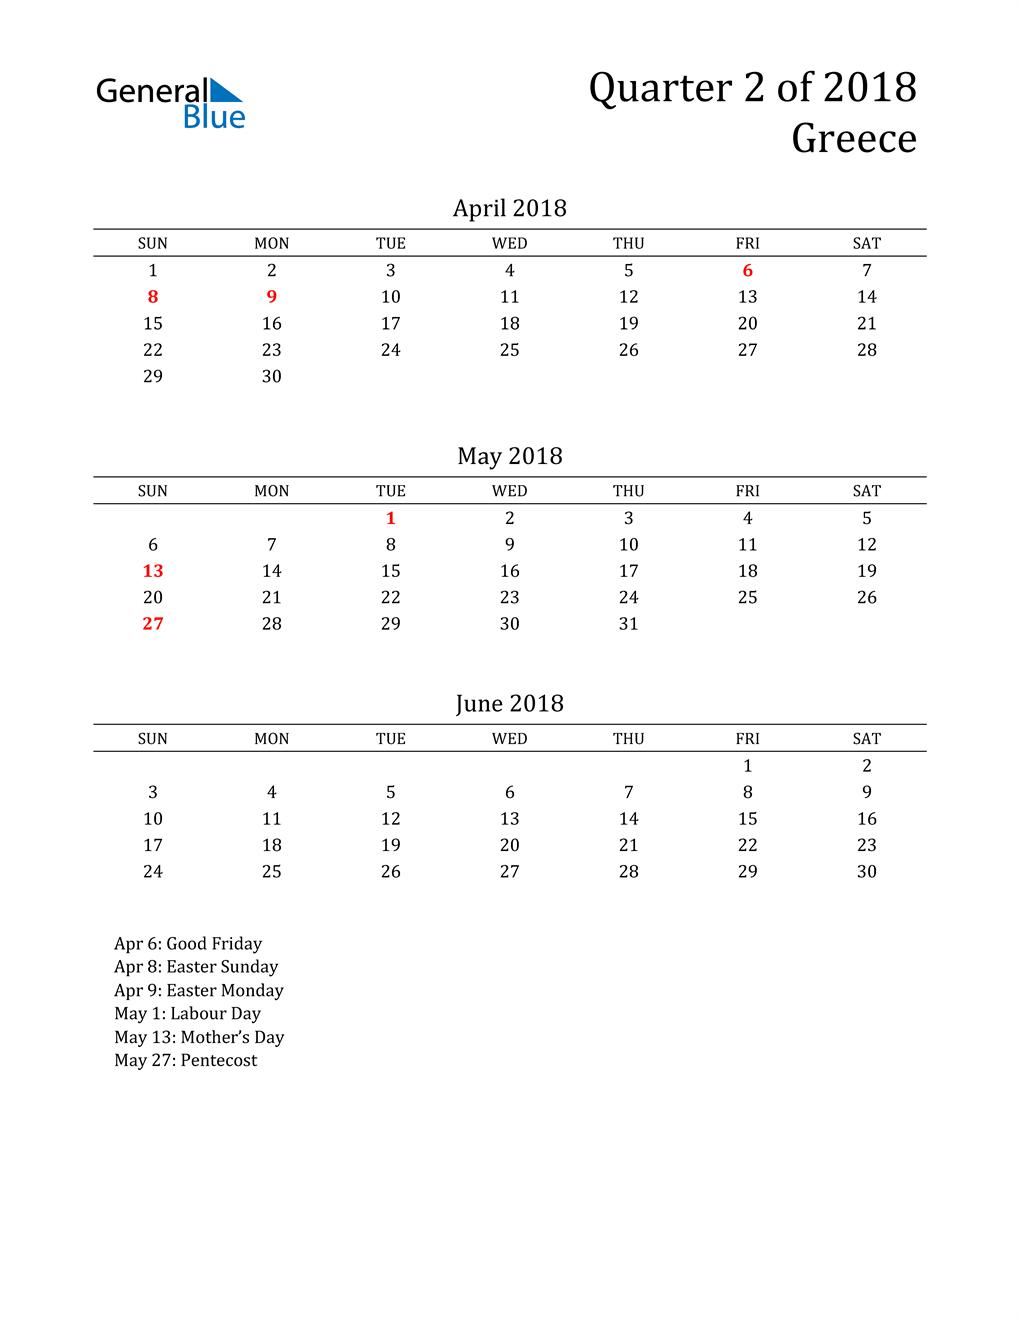 2018 Greece Quarterly Calendar